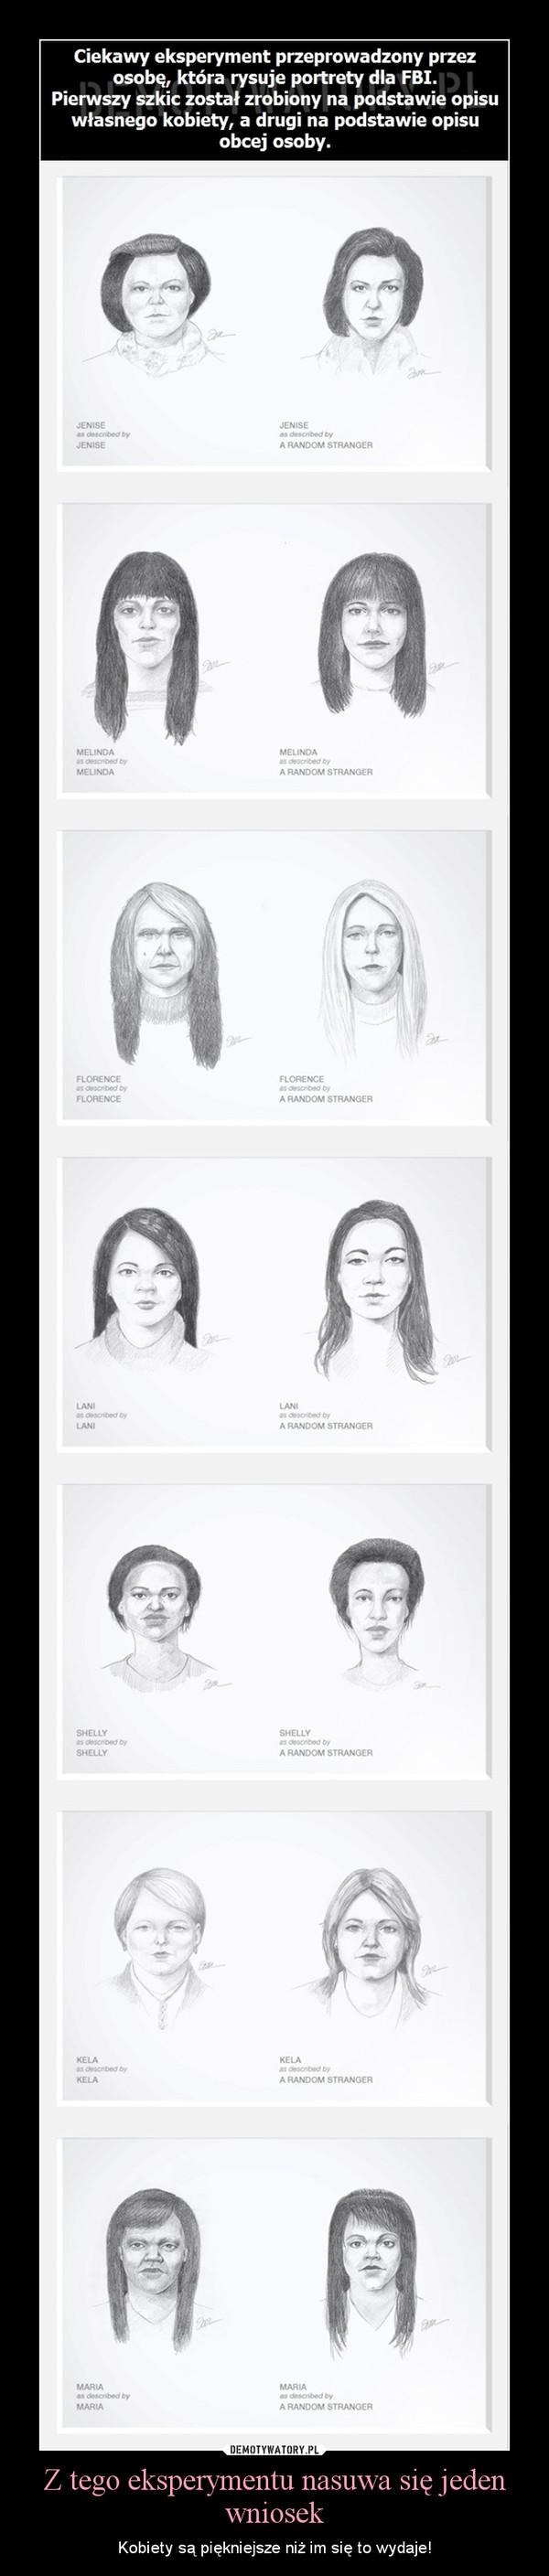 Z tego eksperymentu nasuwa się jeden wniosek – Kobiety są piękniejsze niż im się to wydaje!